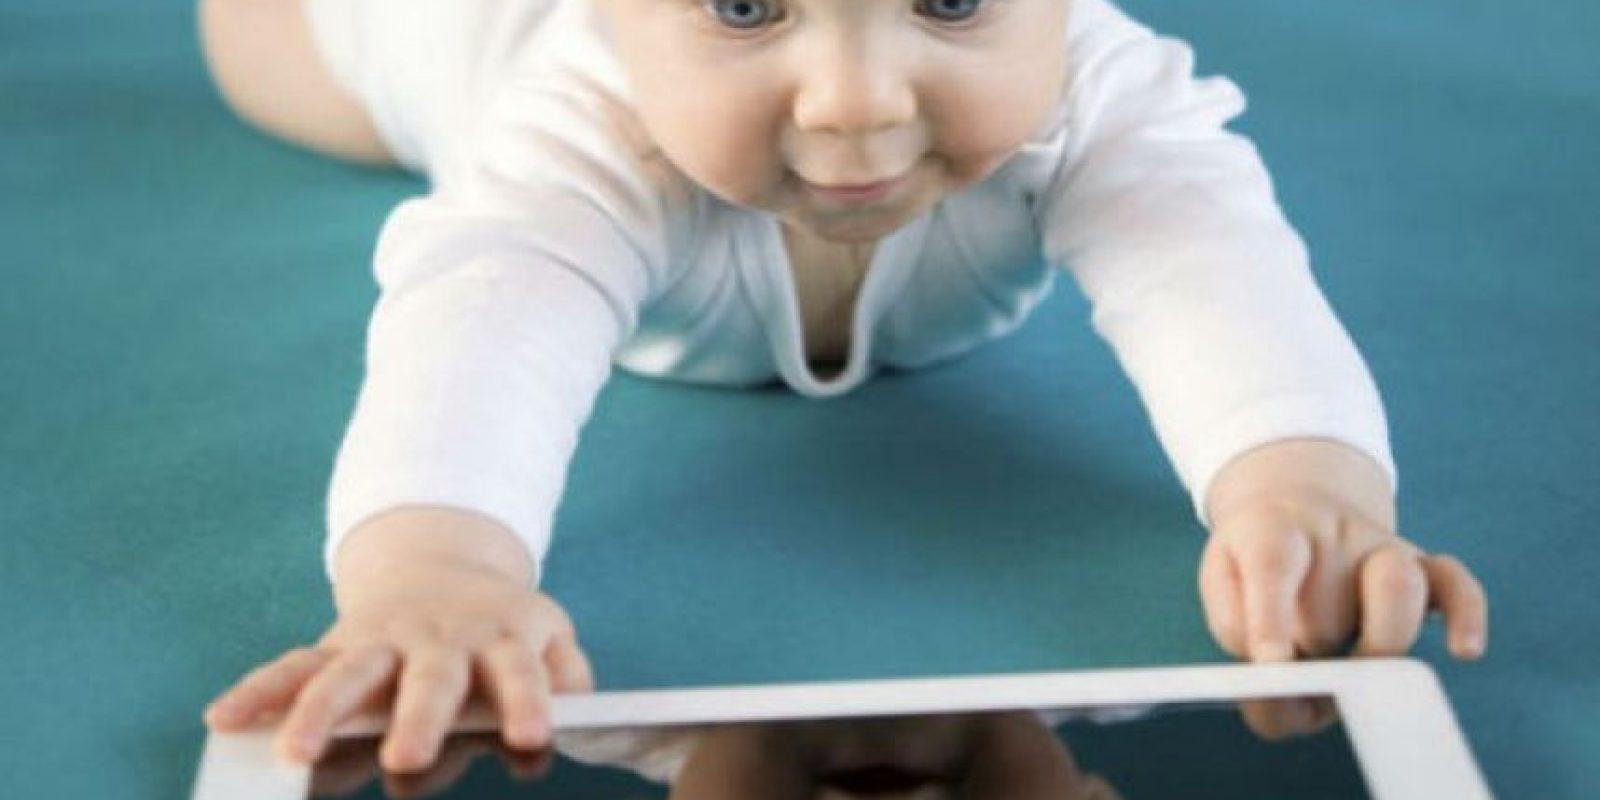 1. Un desarrollo cerebral causado por la exposición excesiva a las tecnologías, puede acelerar el crecimiento del cerebro de los bebés entre 0 y 2 años de edad, y asociarse con la función ejecutiva y déficit de atención Foto:Pixabay